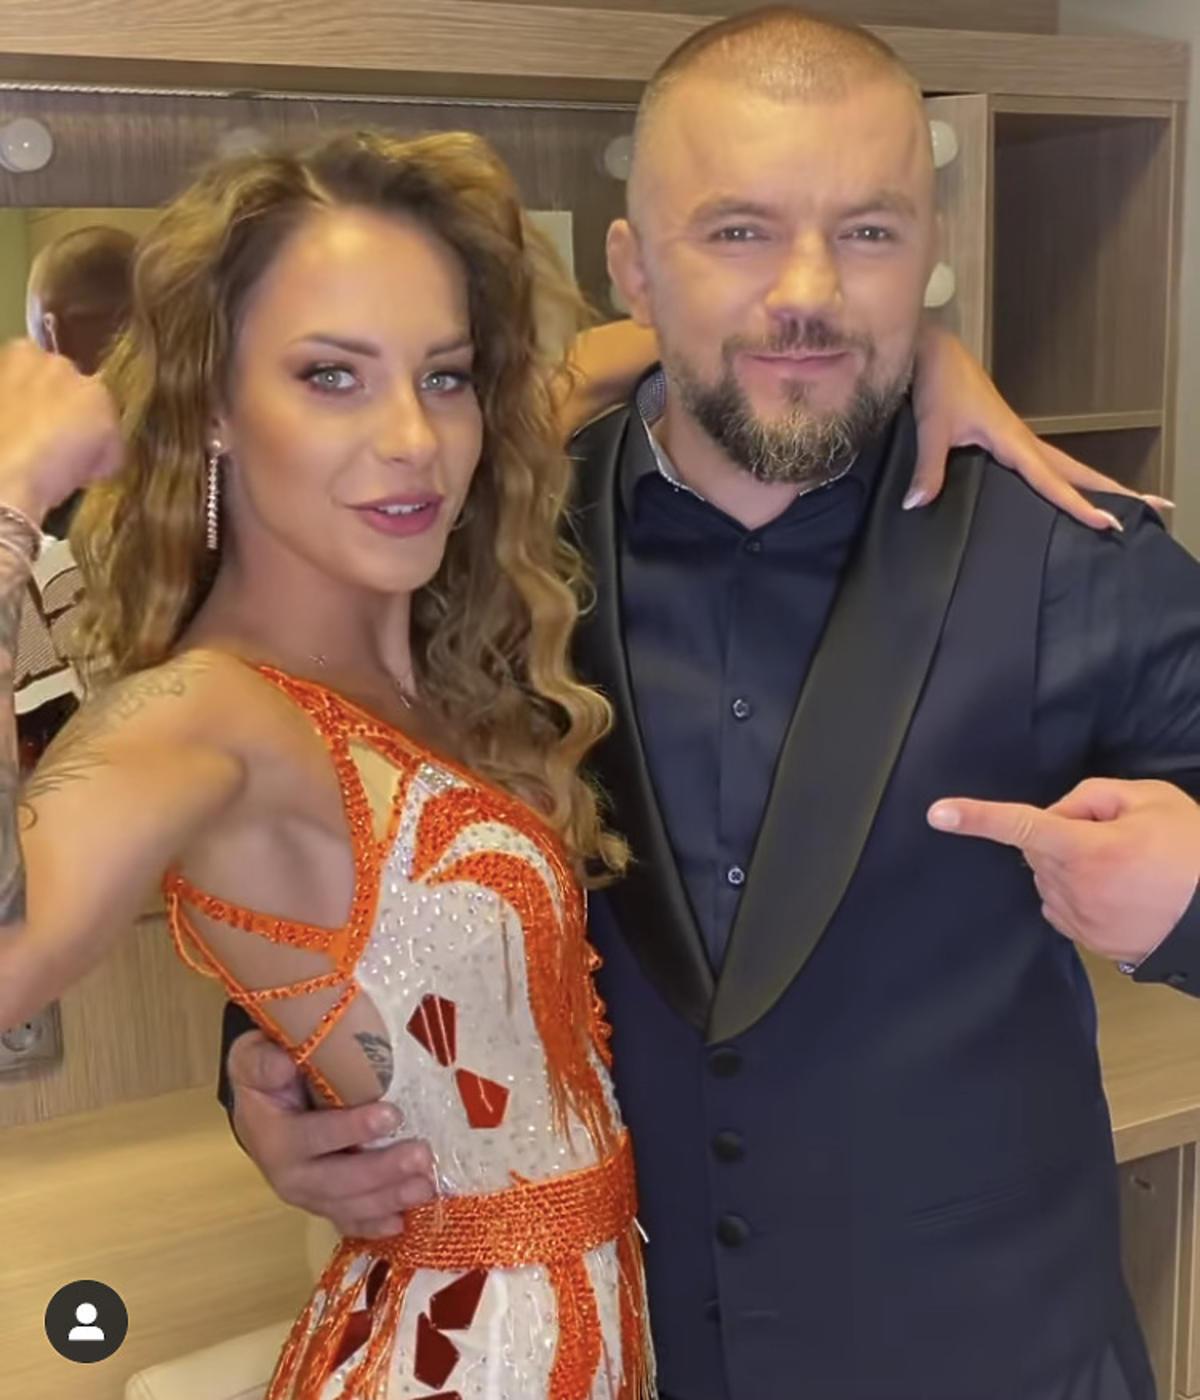 Taniec z gwiazdami 12 Wiktoria Omyła i Łukasz Juras Jurkowski